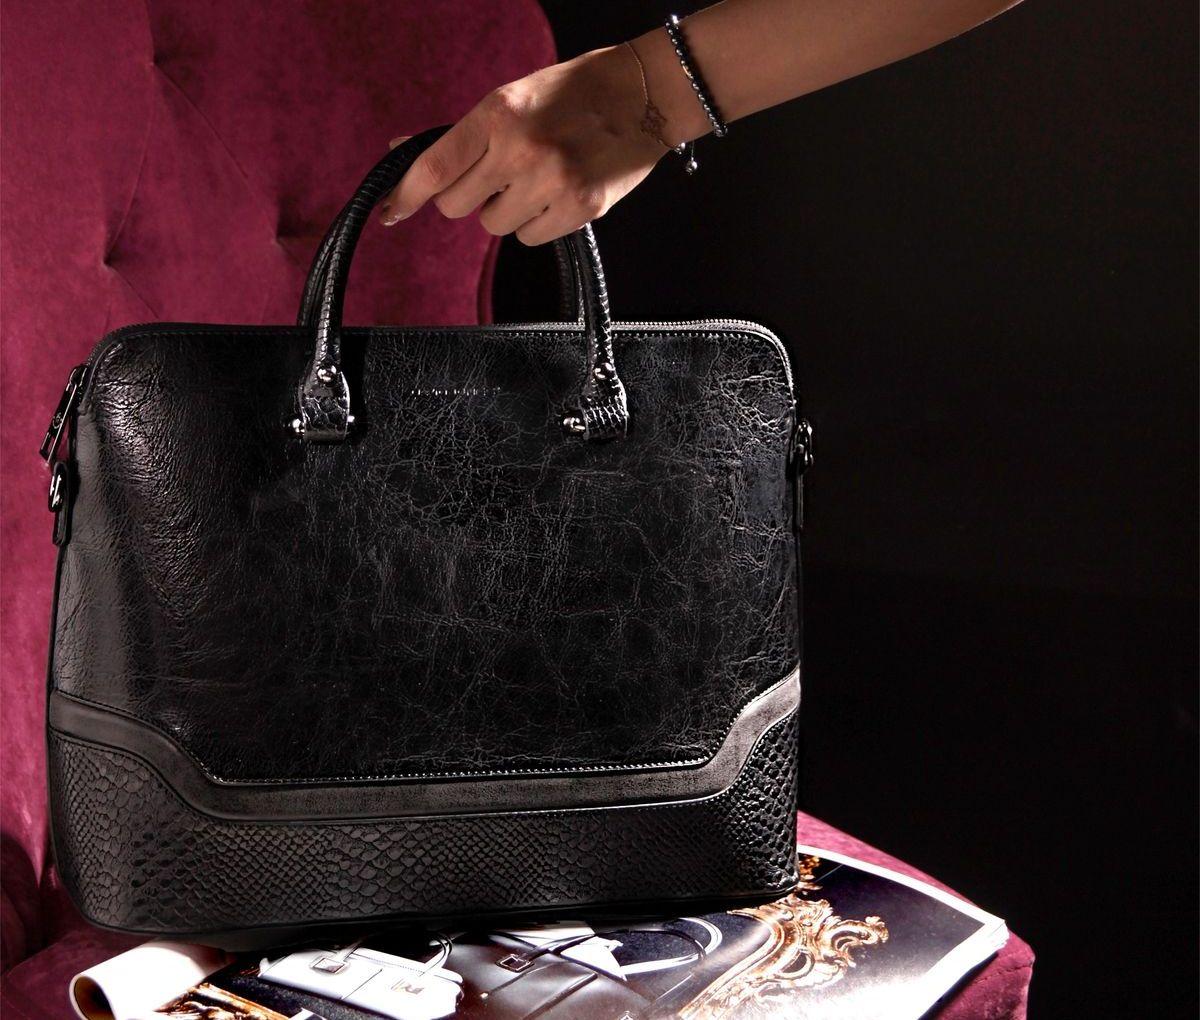 Neue Handtaschen-Kollektionen